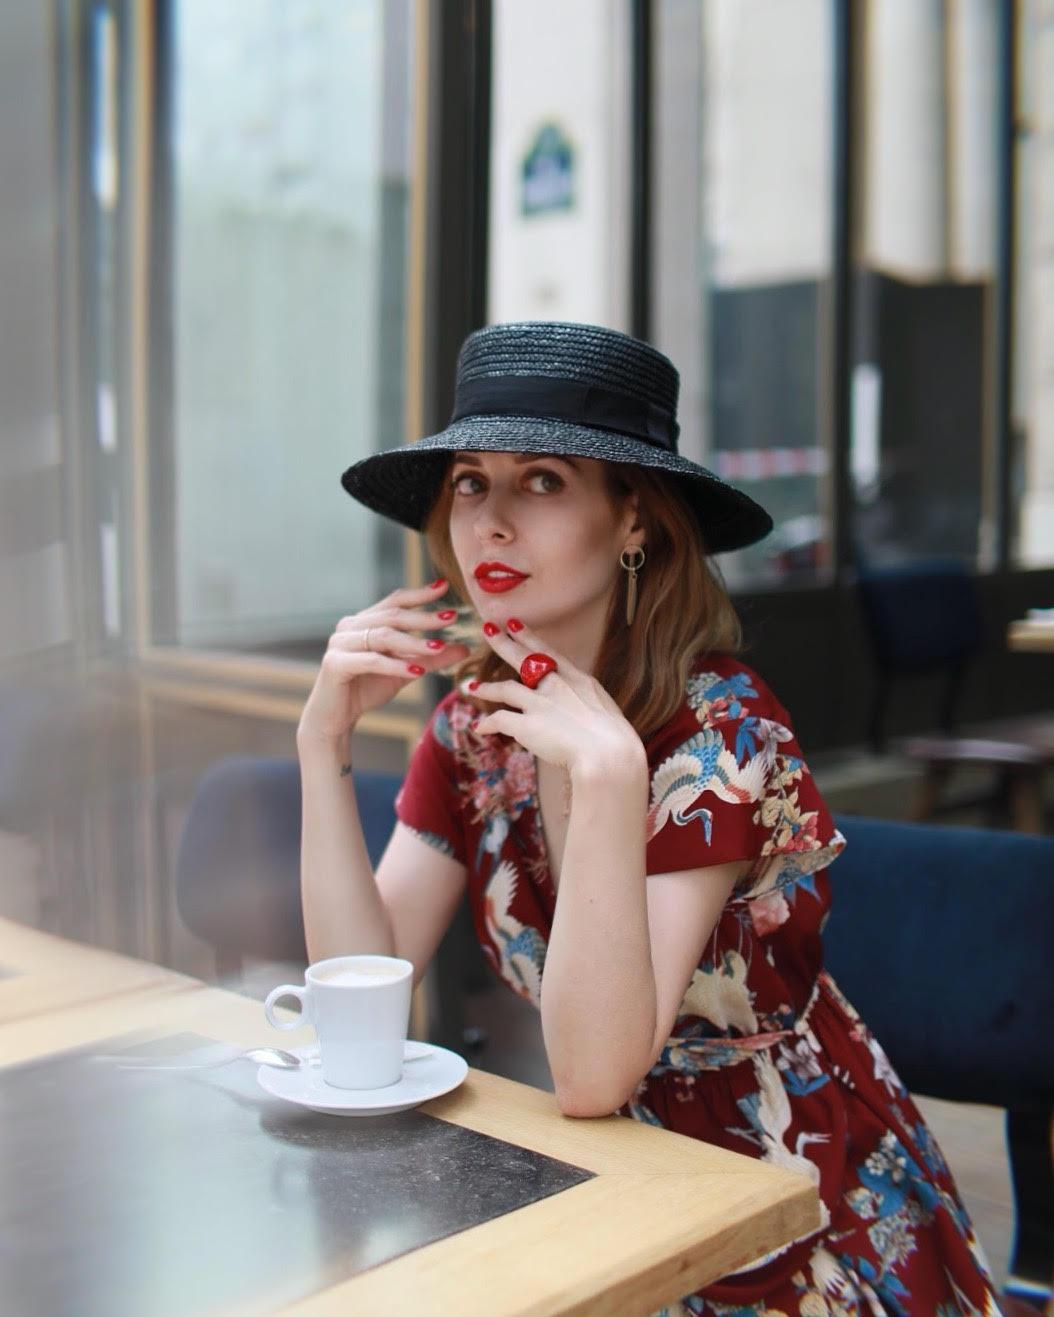 Bonjour! - Je m'appelle Anna et voici le service Enjoy Paris.Nous organisons des séances de photos exclusives pour vous à Paris et proposons des robes incroyables pour cette occasion !Vous aurez tout à la fois - un photographe professionnel, une maquilleuse-coiffeuse et des robes exclusives au choix . Vous pouvez aussi utiliser le service de notre chauffeur d'une voiture de première classe pour pouvoir prendre des photos dans les plus beaux endroits de Paris en une seule photo session.Nous vous montrerons les endroits photogéniques pour les séances photo et optimiserons le parcours.C'est très pratique - nous nous chargeons de toute l'organisation !Pour réserver la date et l'heure, écrivez-moi à anna.enjoyparis@gmail.com